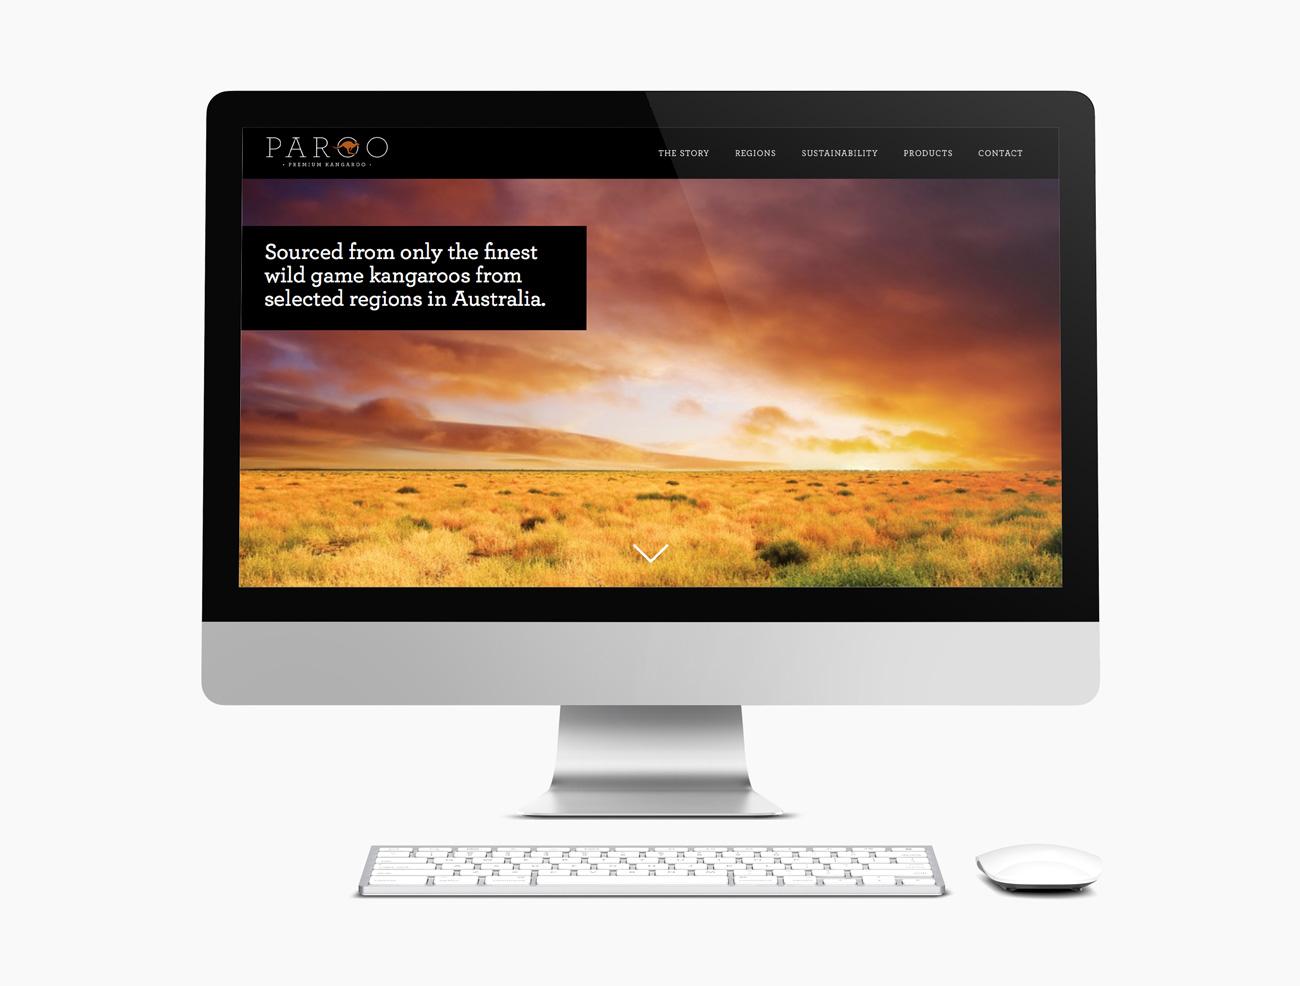 wow-paroo-kangaroo-website